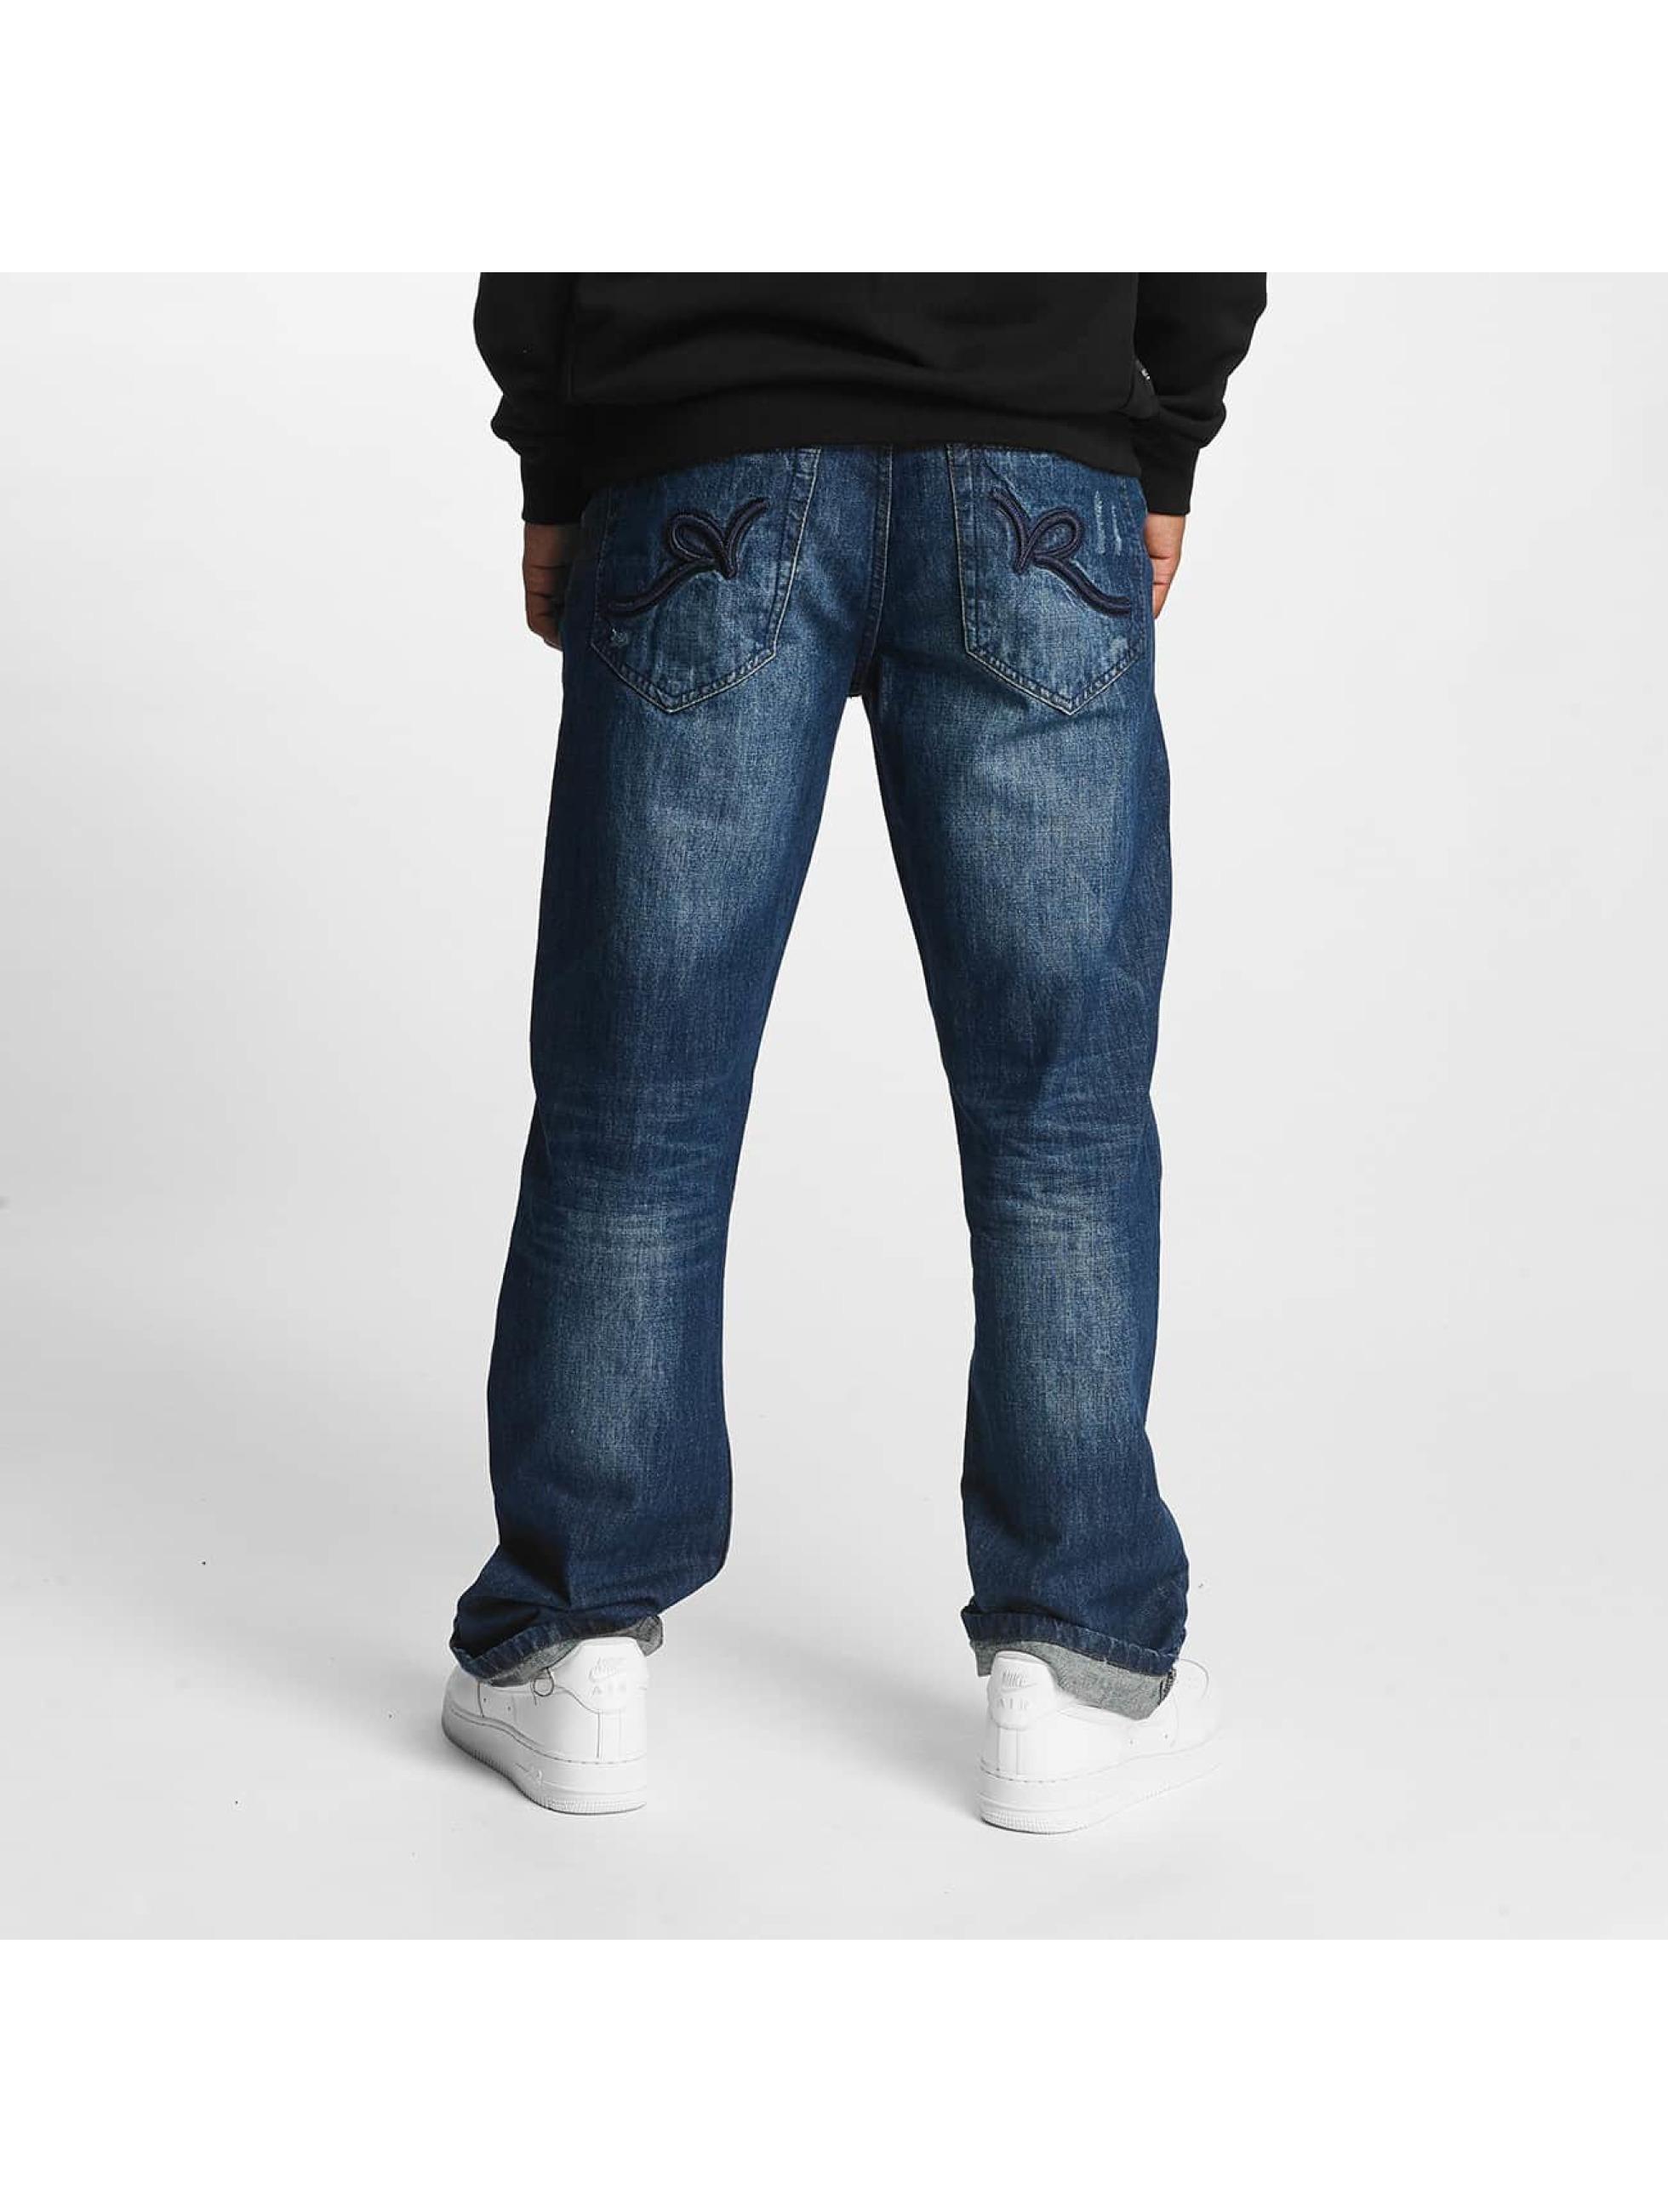 rocawear loose fit j bleu homme jean large 378800. Black Bedroom Furniture Sets. Home Design Ideas